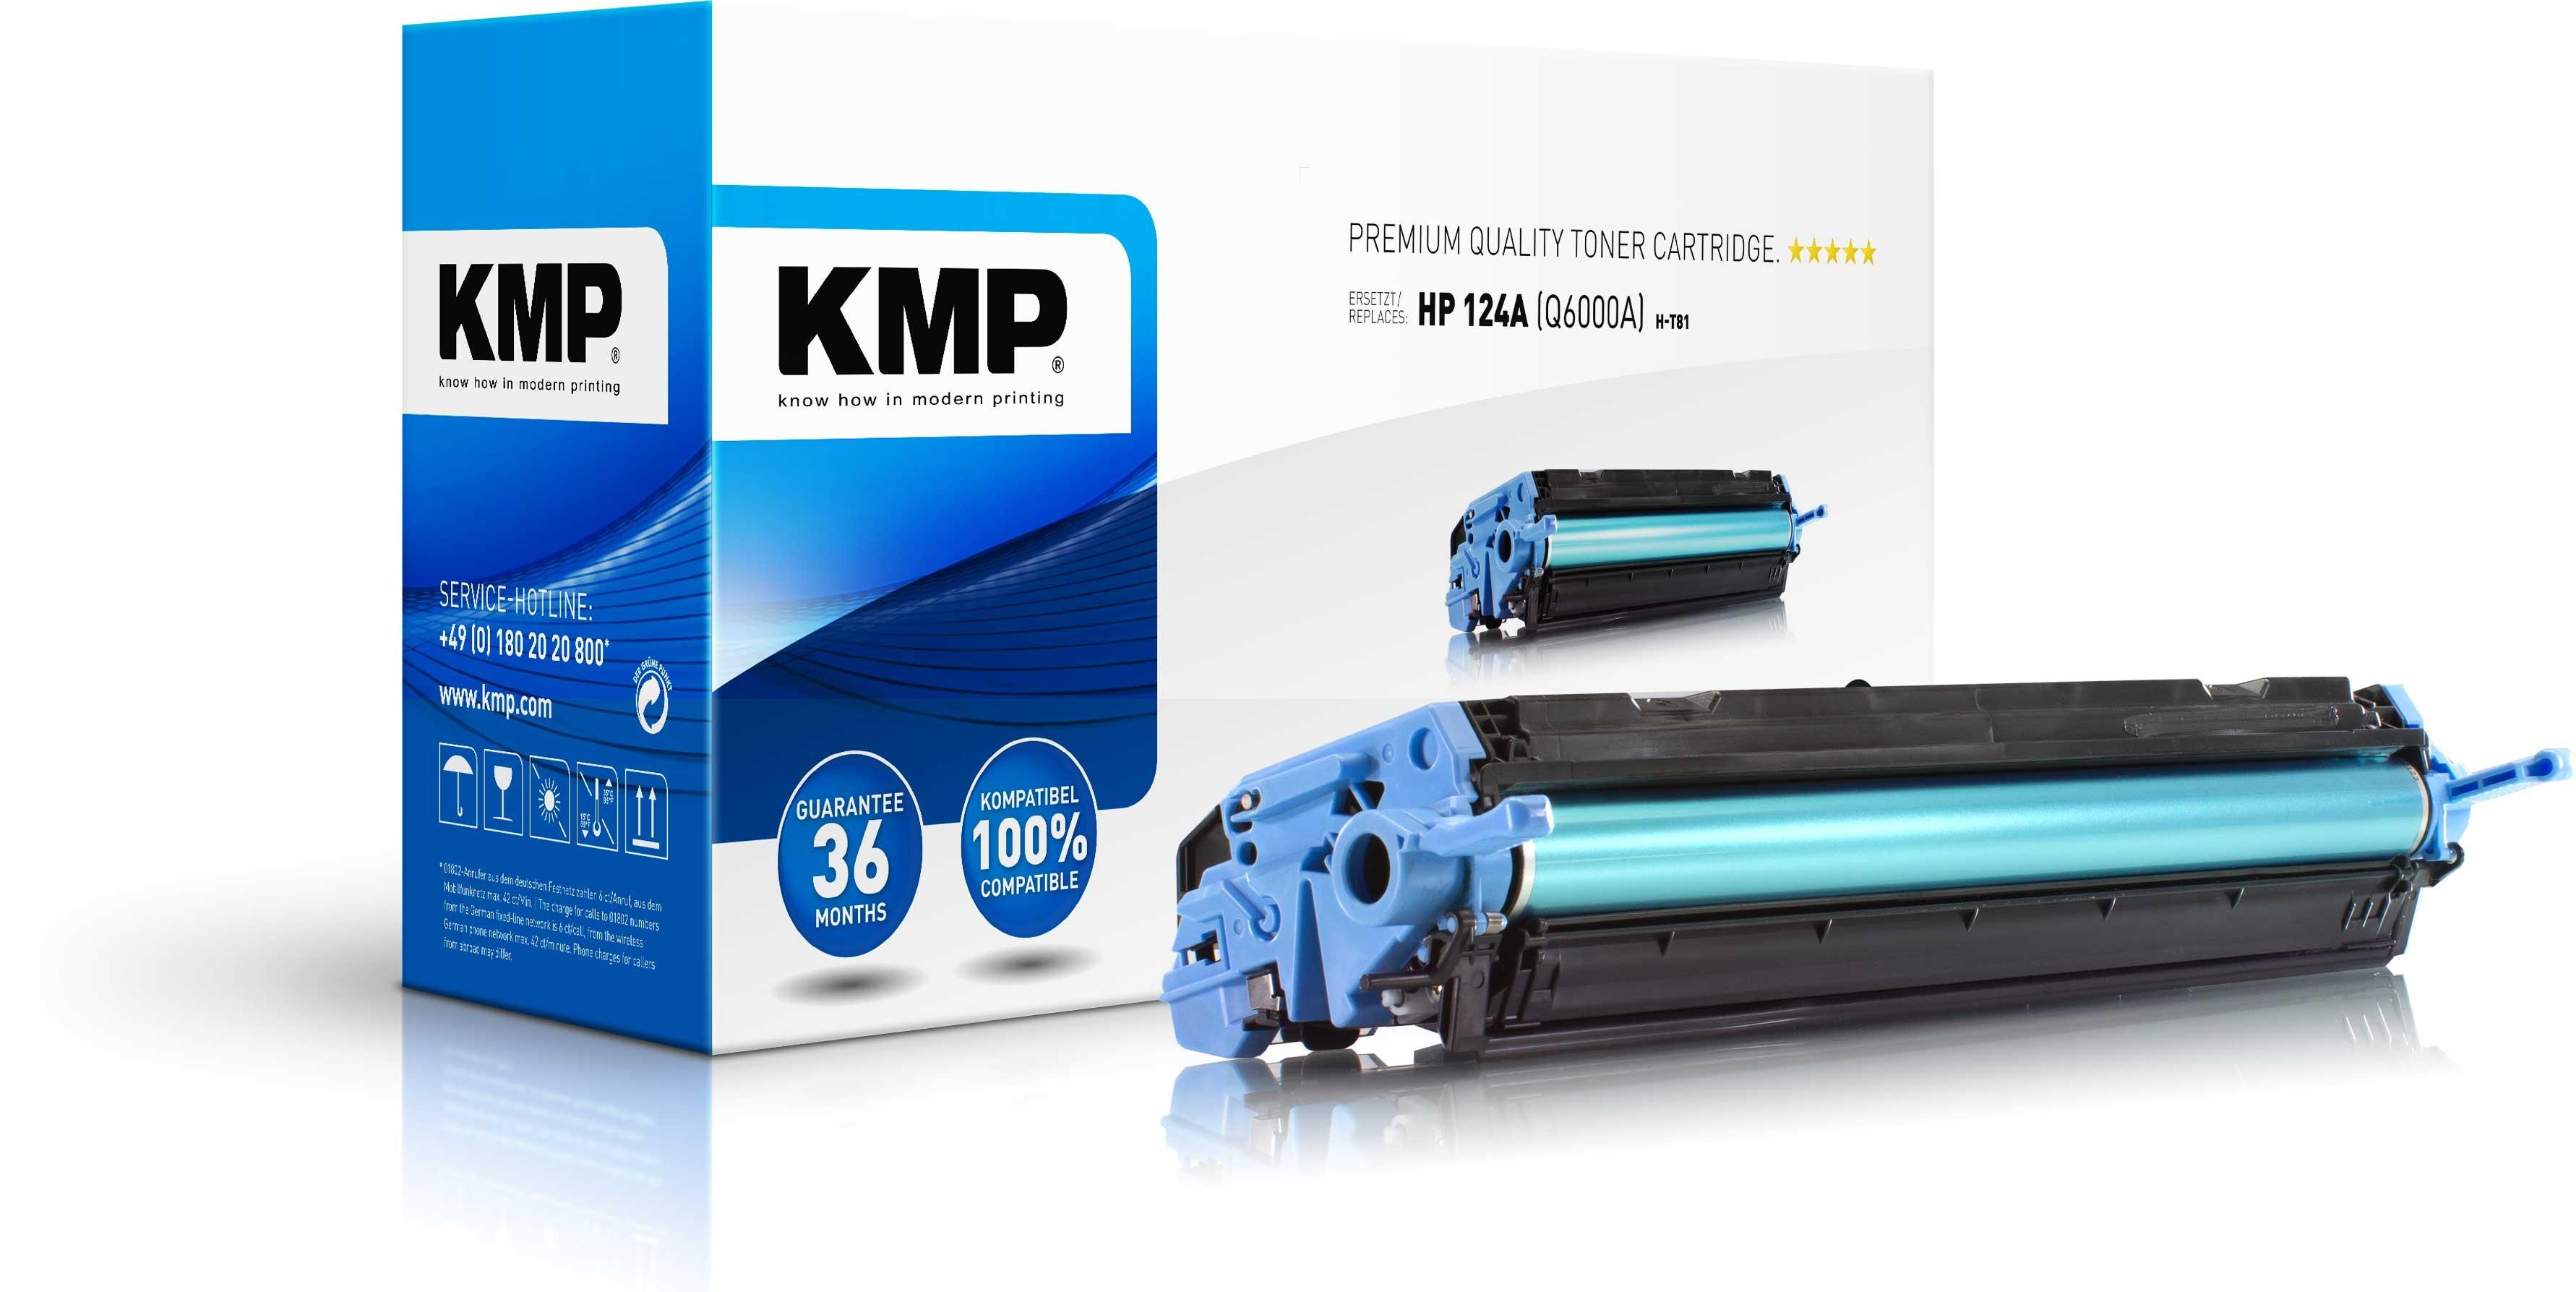 Vorschau: KMP Toner für HP Q6000A Color Laserjet 1600 / 2600 Series black